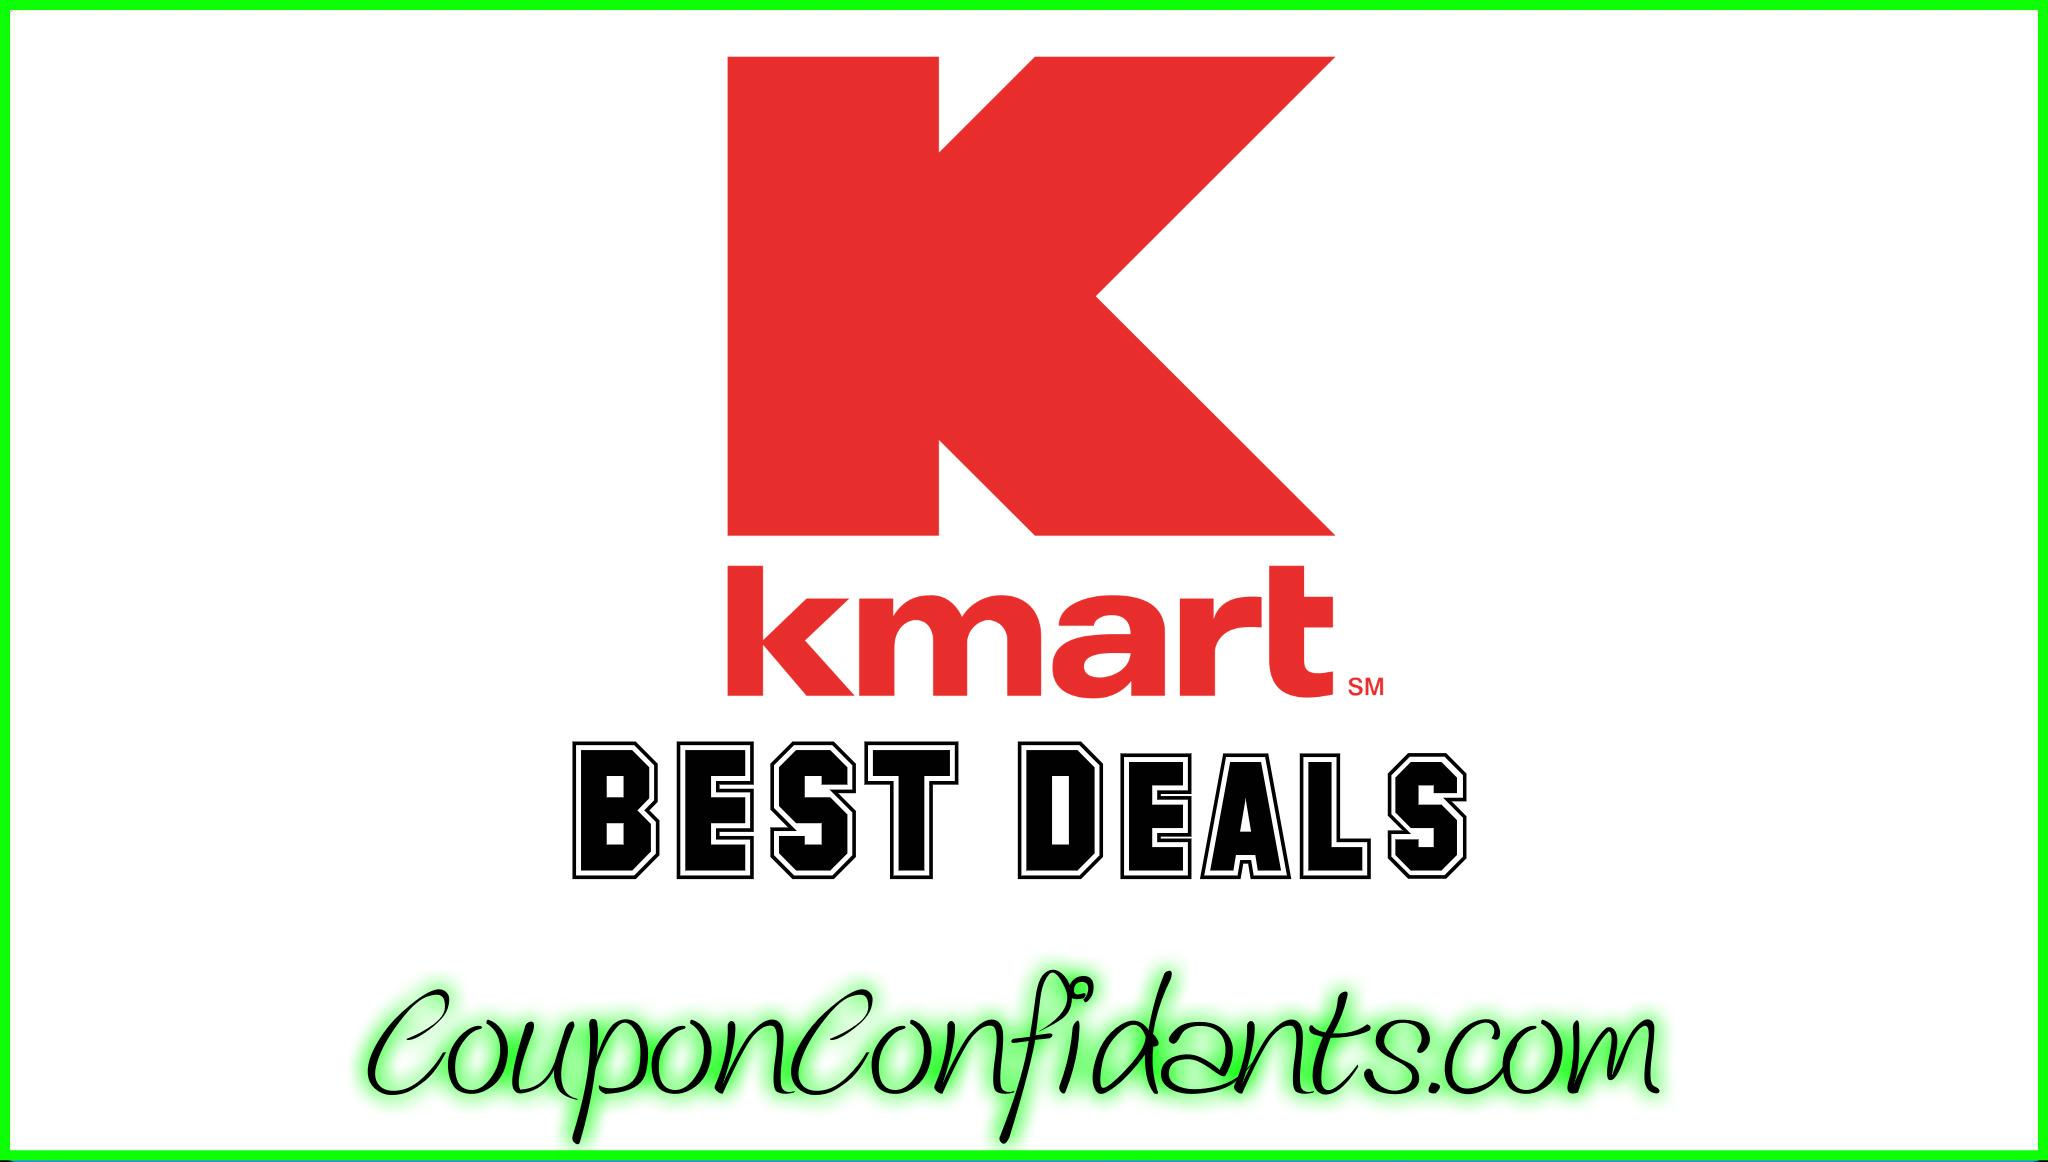 Kmart - May 21 - Jun 3